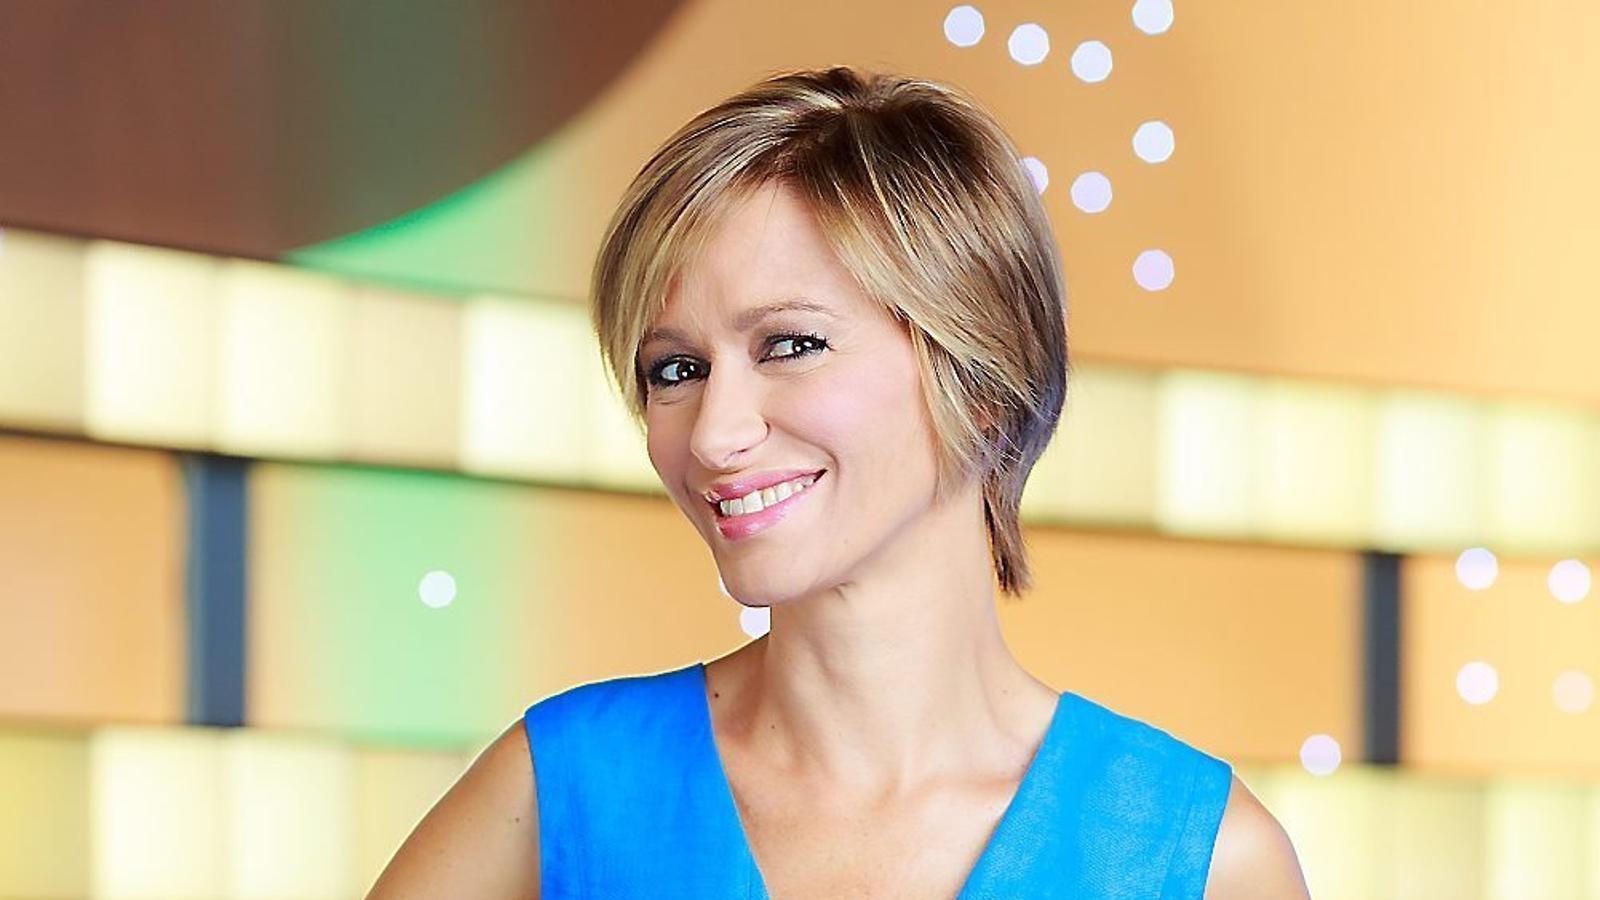 Susanna griso compleix 10 anys al capdavant d espejo p blico for Antena 3 espejo publico programa hoy